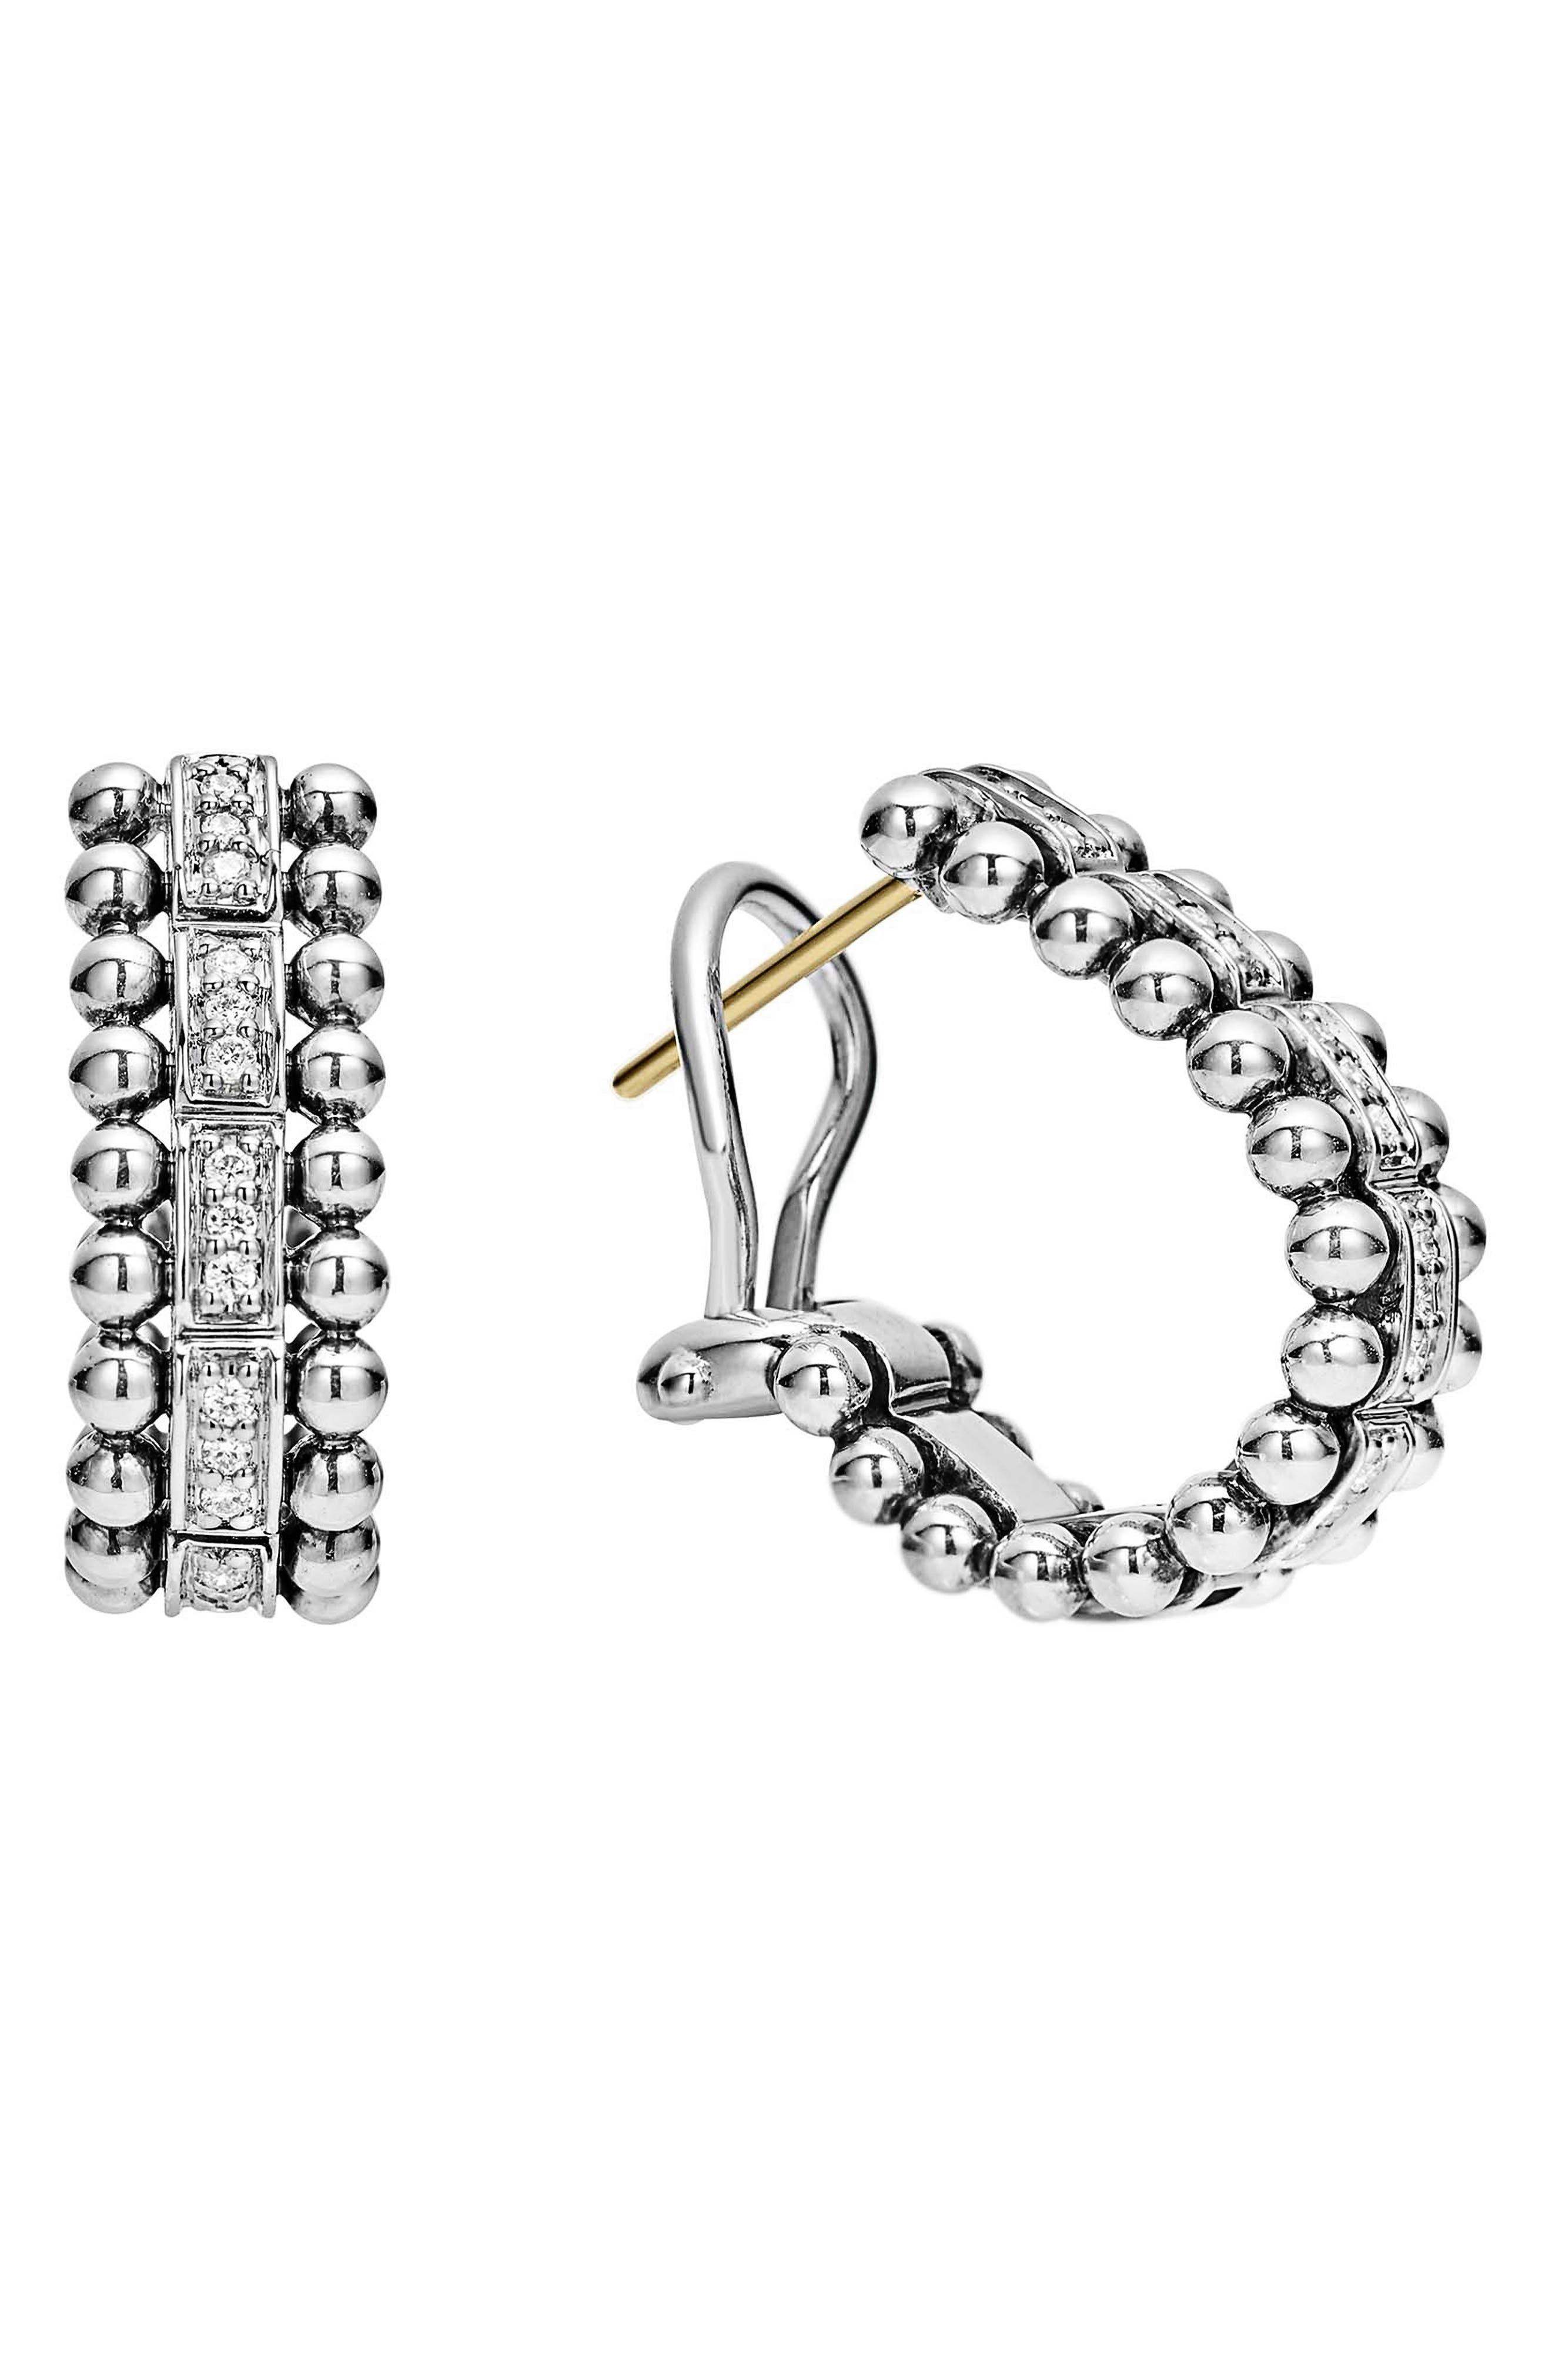 Caviar Spark Diamond Oval Hoop Earrings,                         Main,                         color, Silver/ Diamond